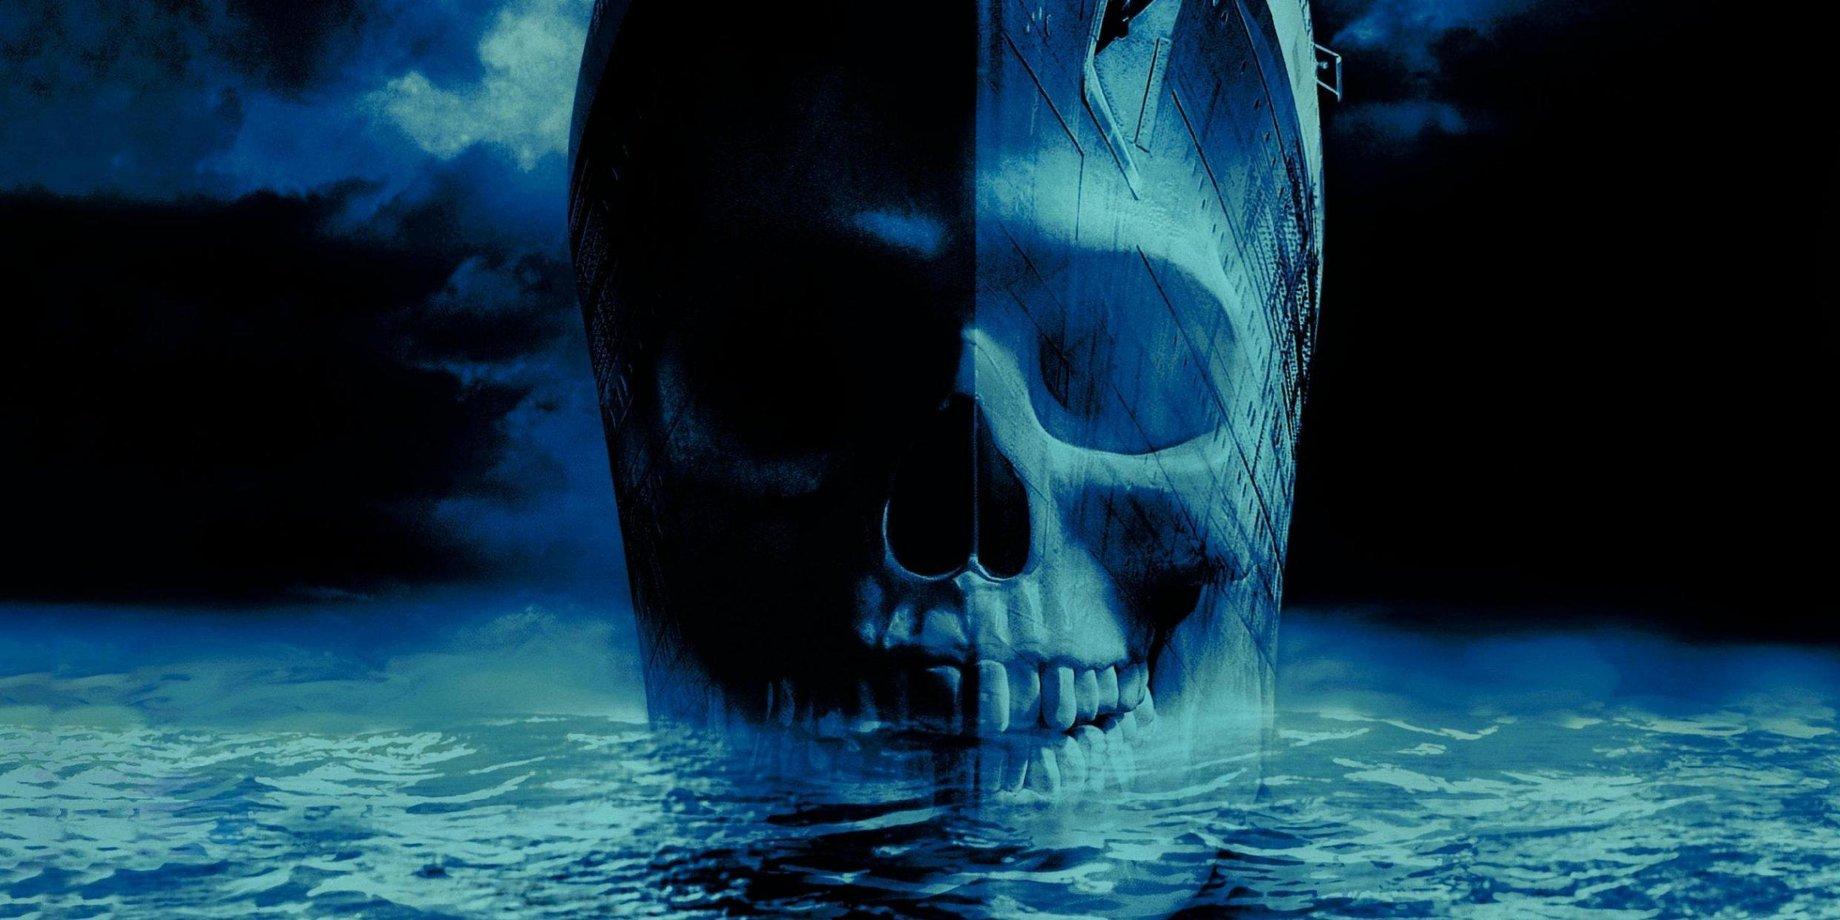 качественную фильмы ужасов про корабли в качестве 1080 взгляд